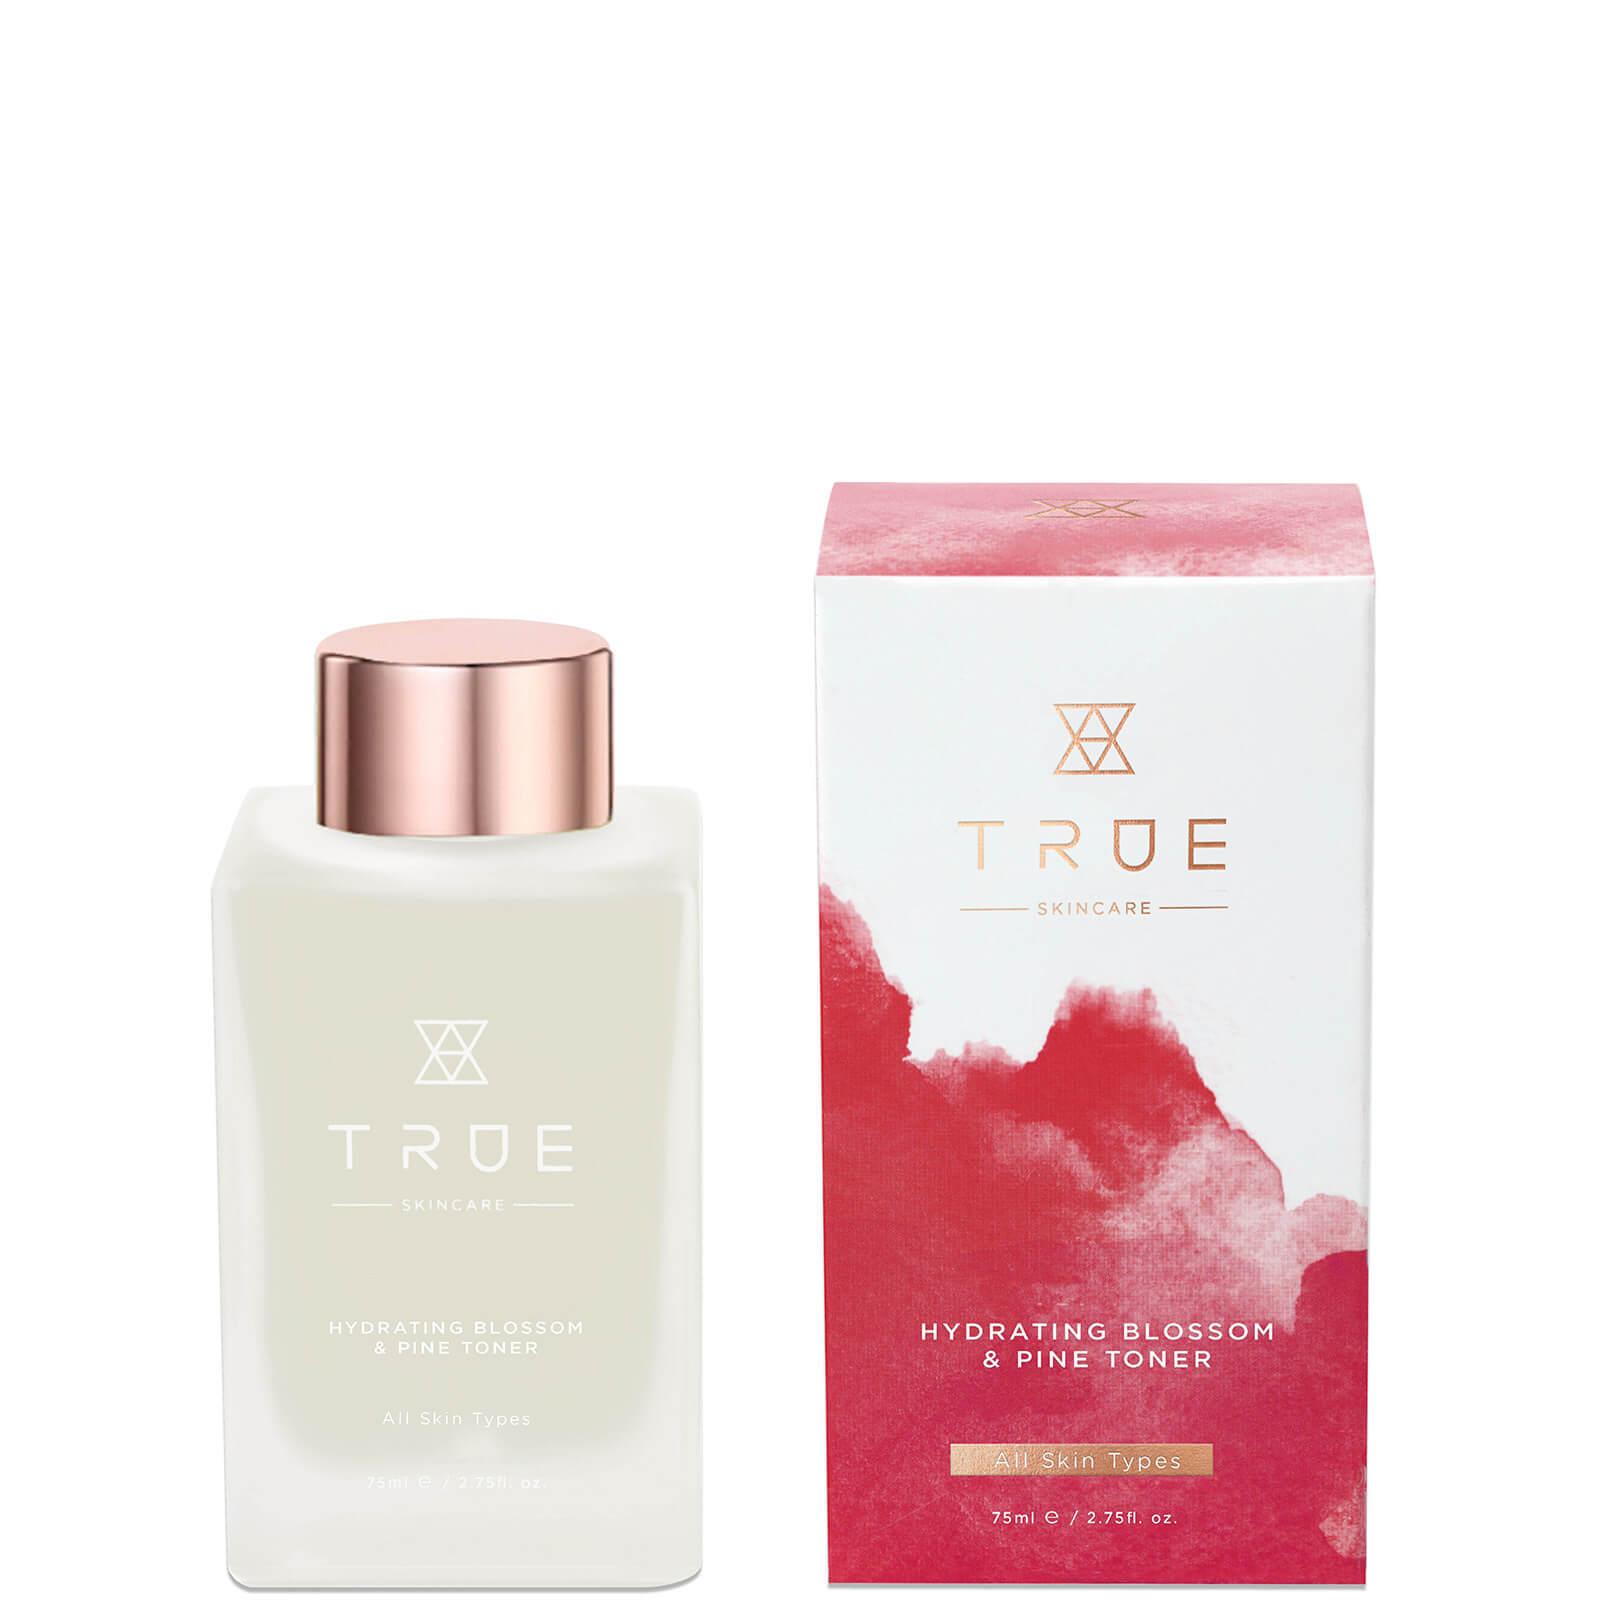 TRUE Skincare Hydrating Blossom and Pine Toner